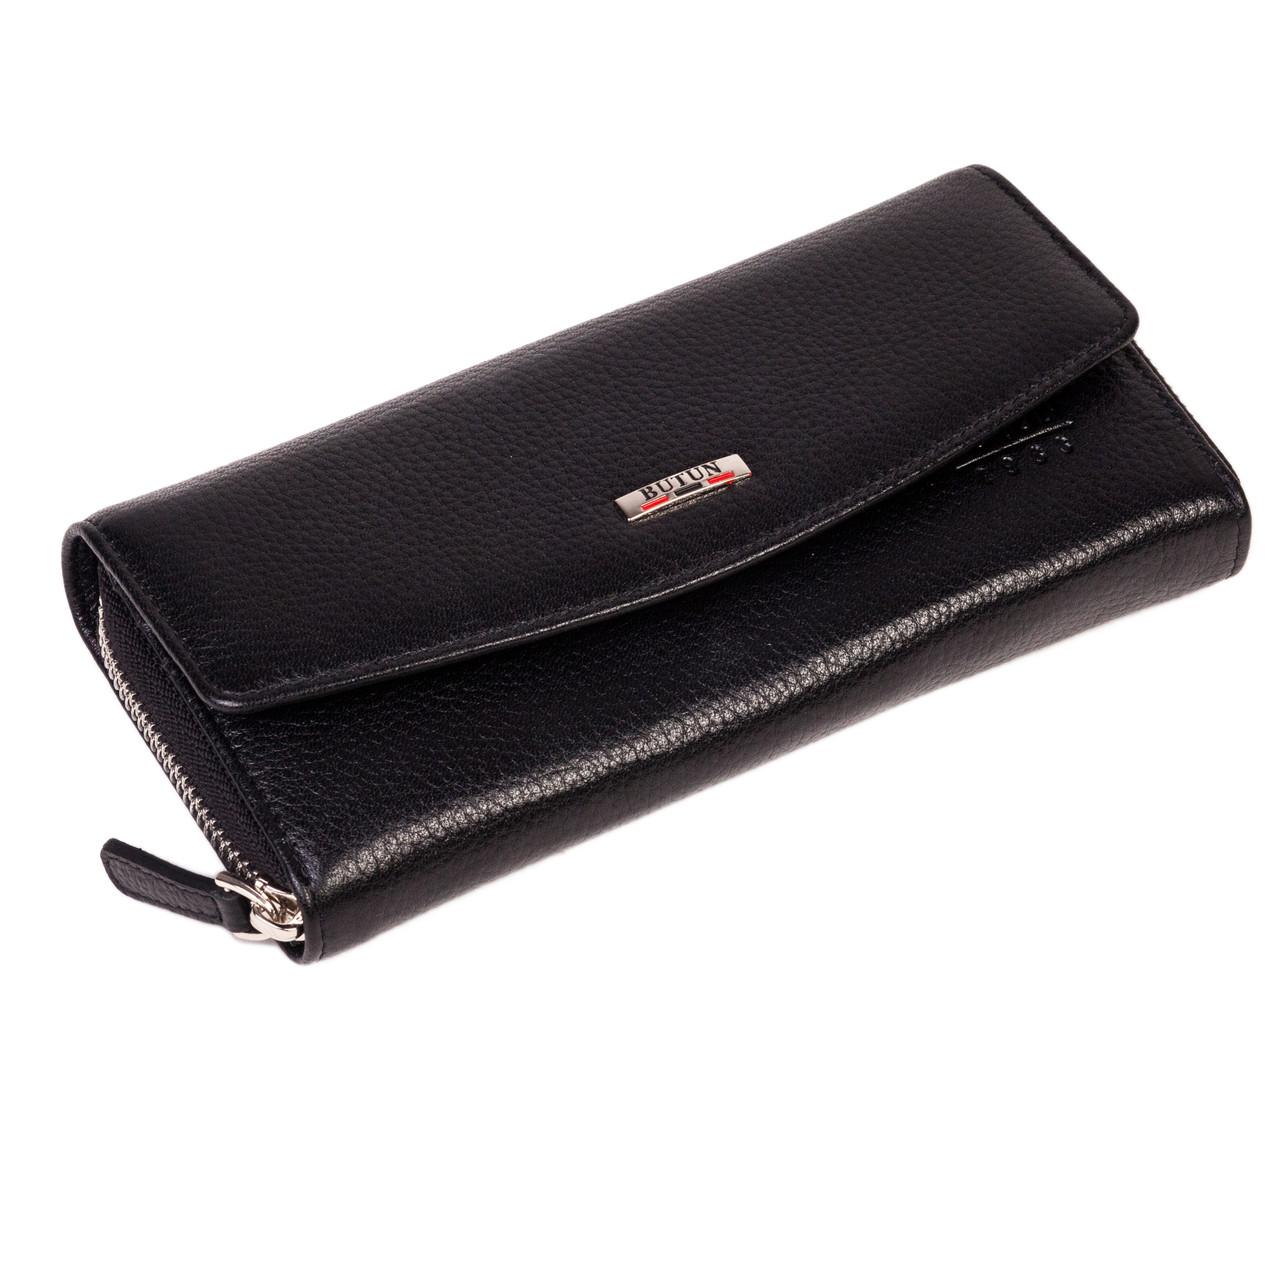 Женский кошелек Butun 609-004-001 кожаный черный